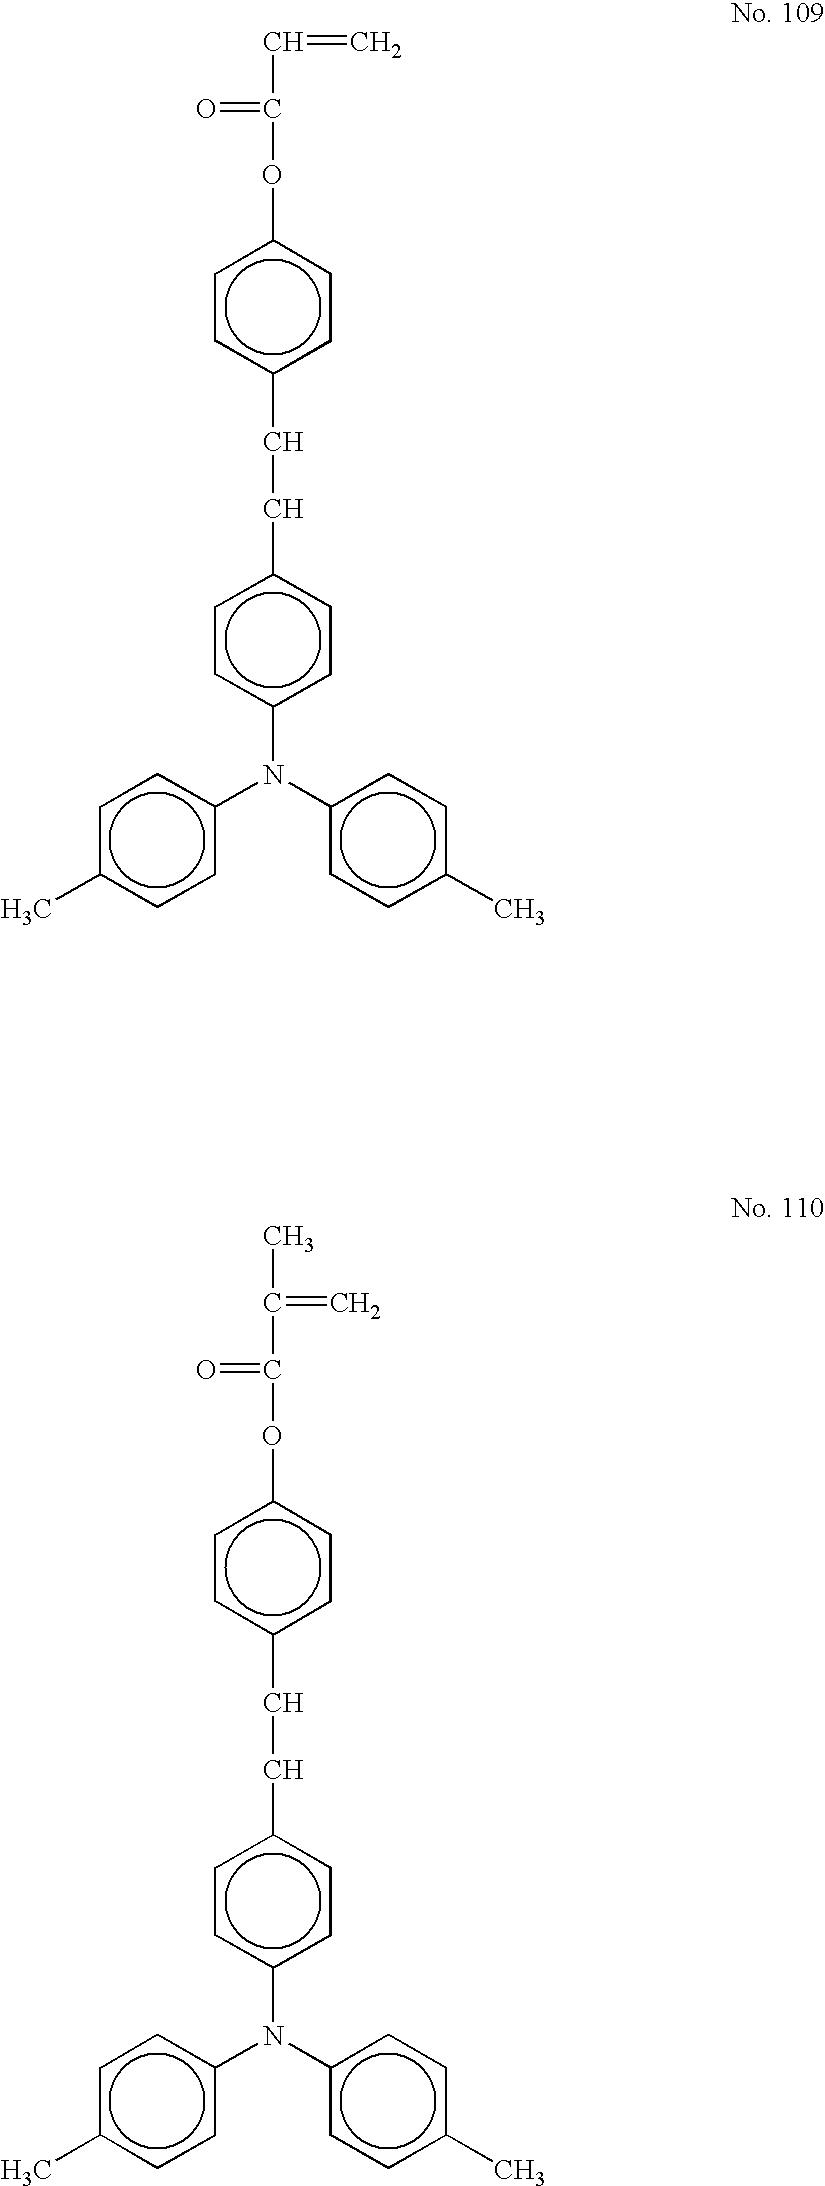 Figure US20060177749A1-20060810-C00055